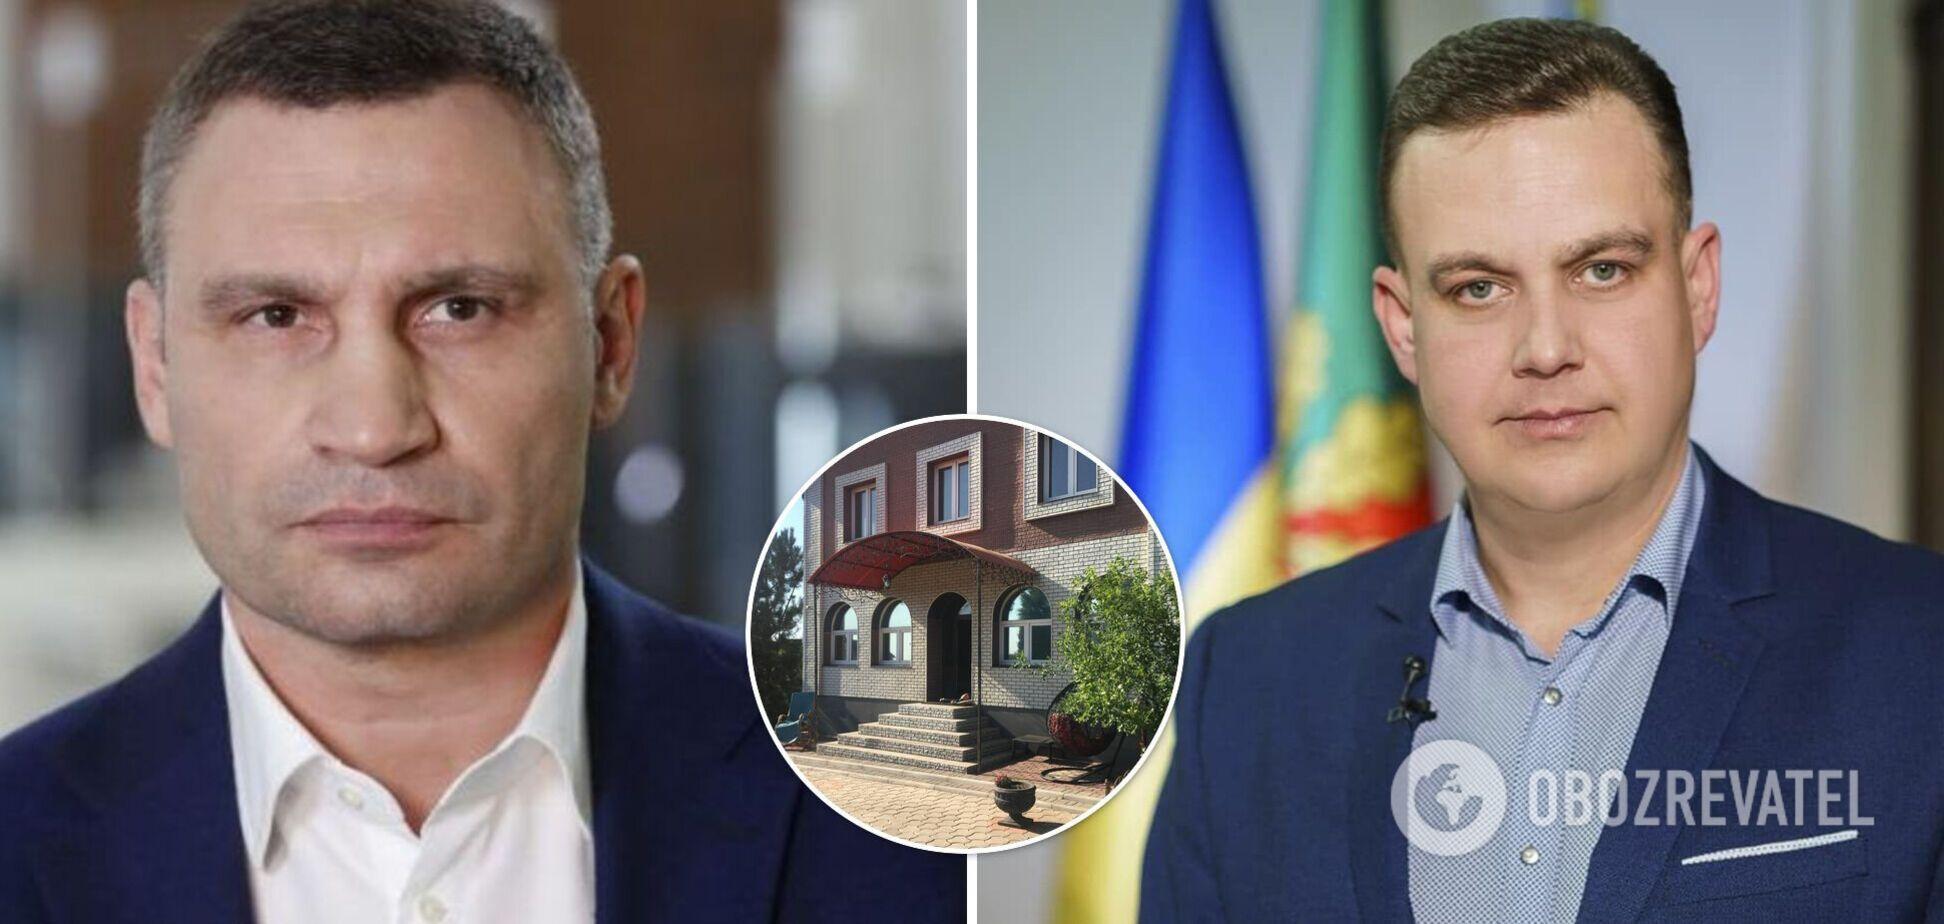 Кличко выразил соболезнования семье погибшего мэра Кривого Рога